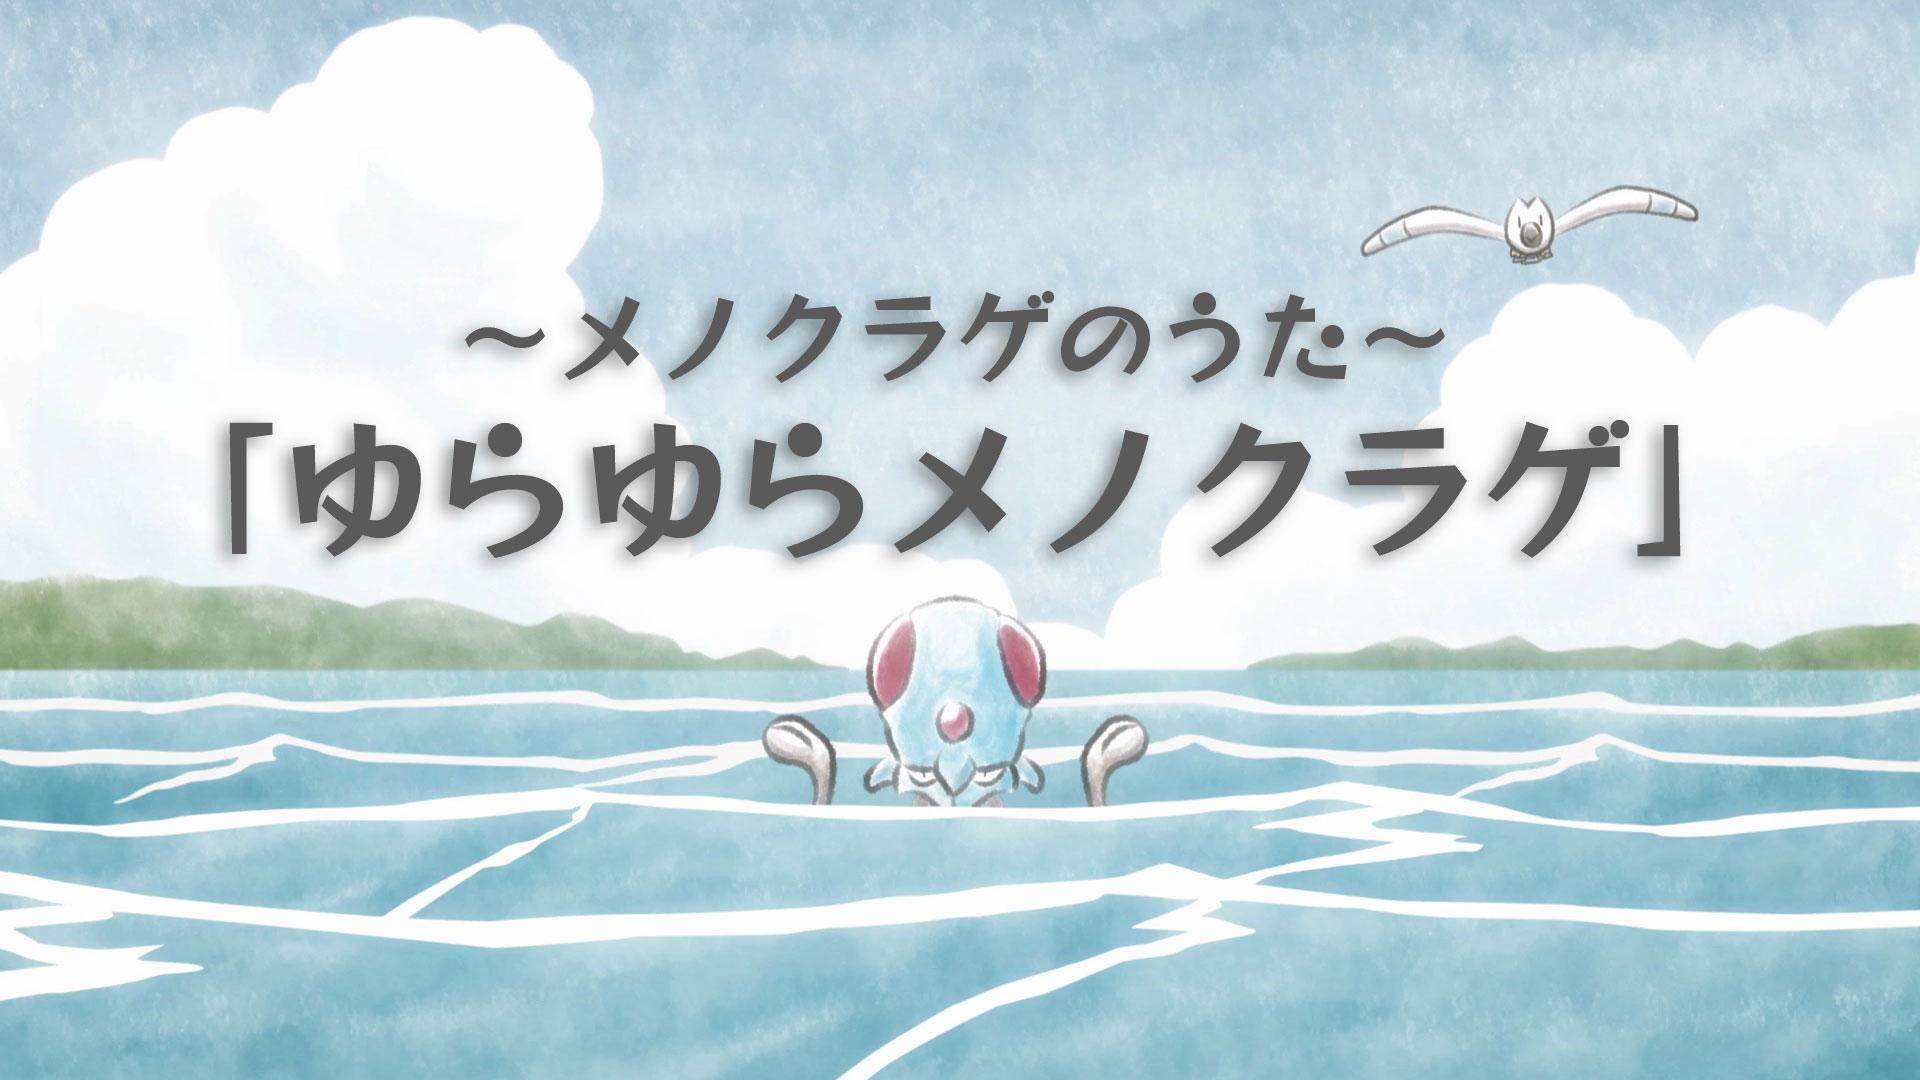 画像集 001 ポケモンだいすきクラブ メノクラゲの歌 ゆらゆらメノクラゲ をyoutubeで公開